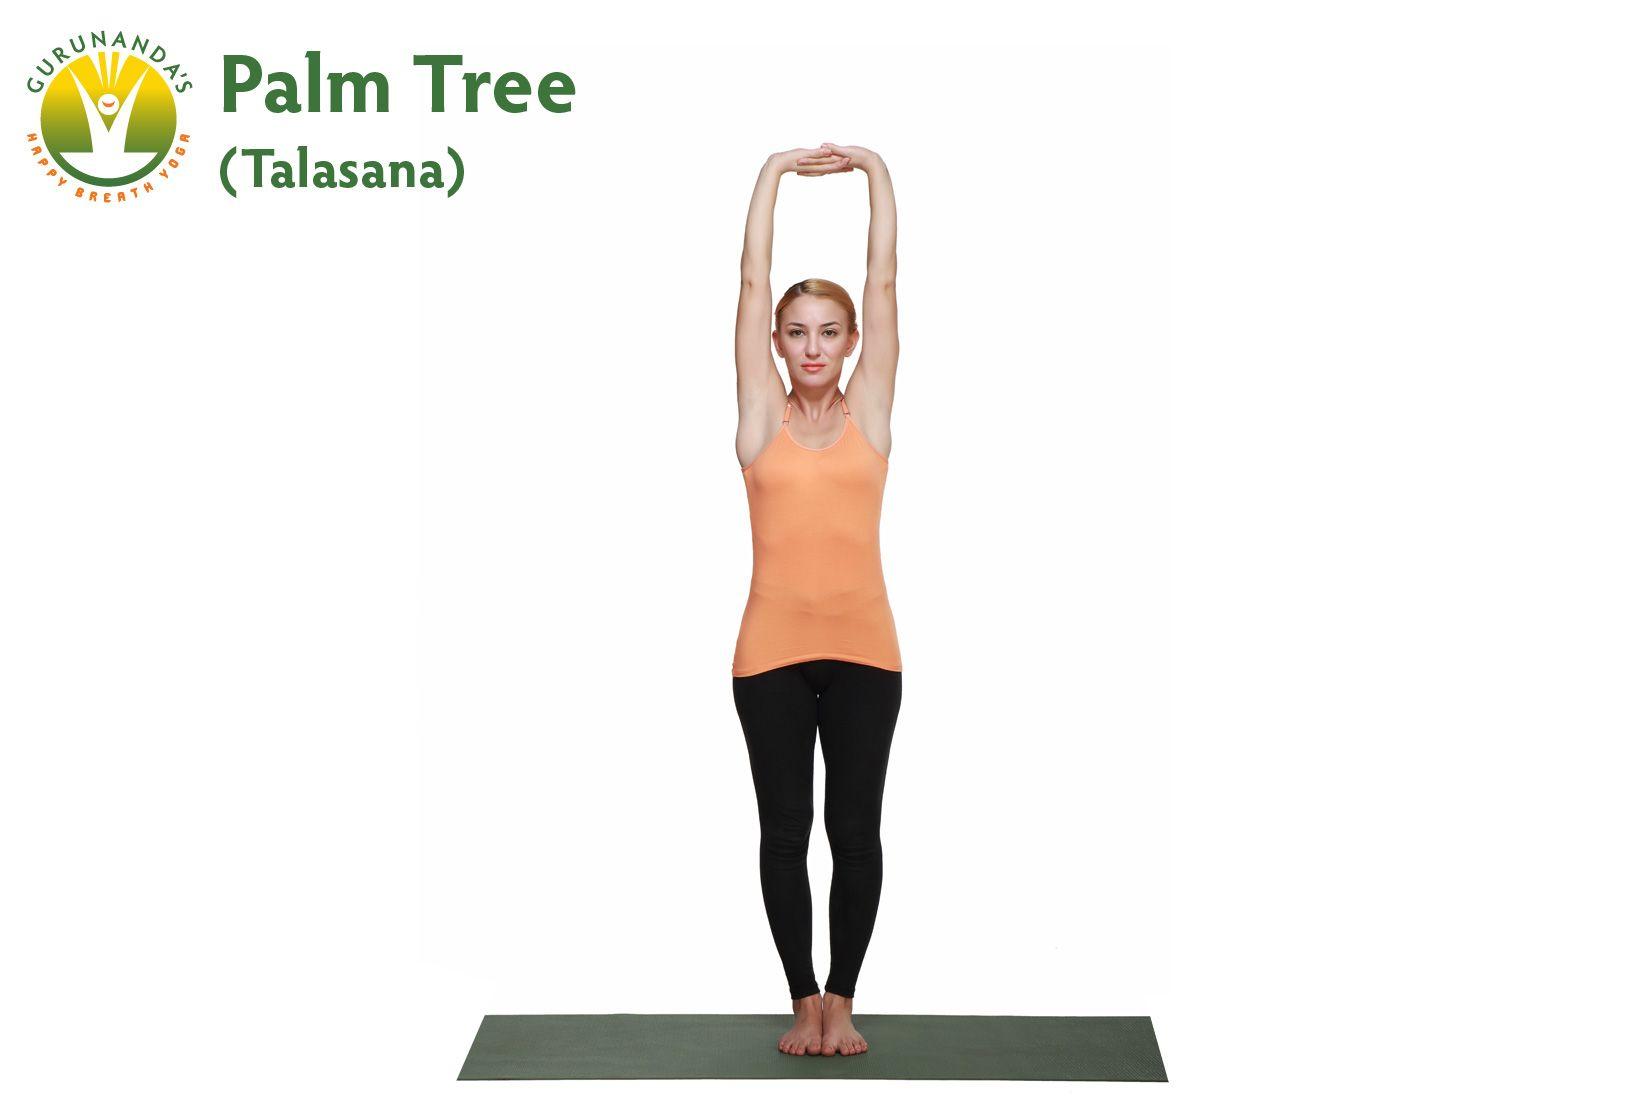 ingin Meninggikan tubuh dengan natural? coba sepuluh model Yoga berikut